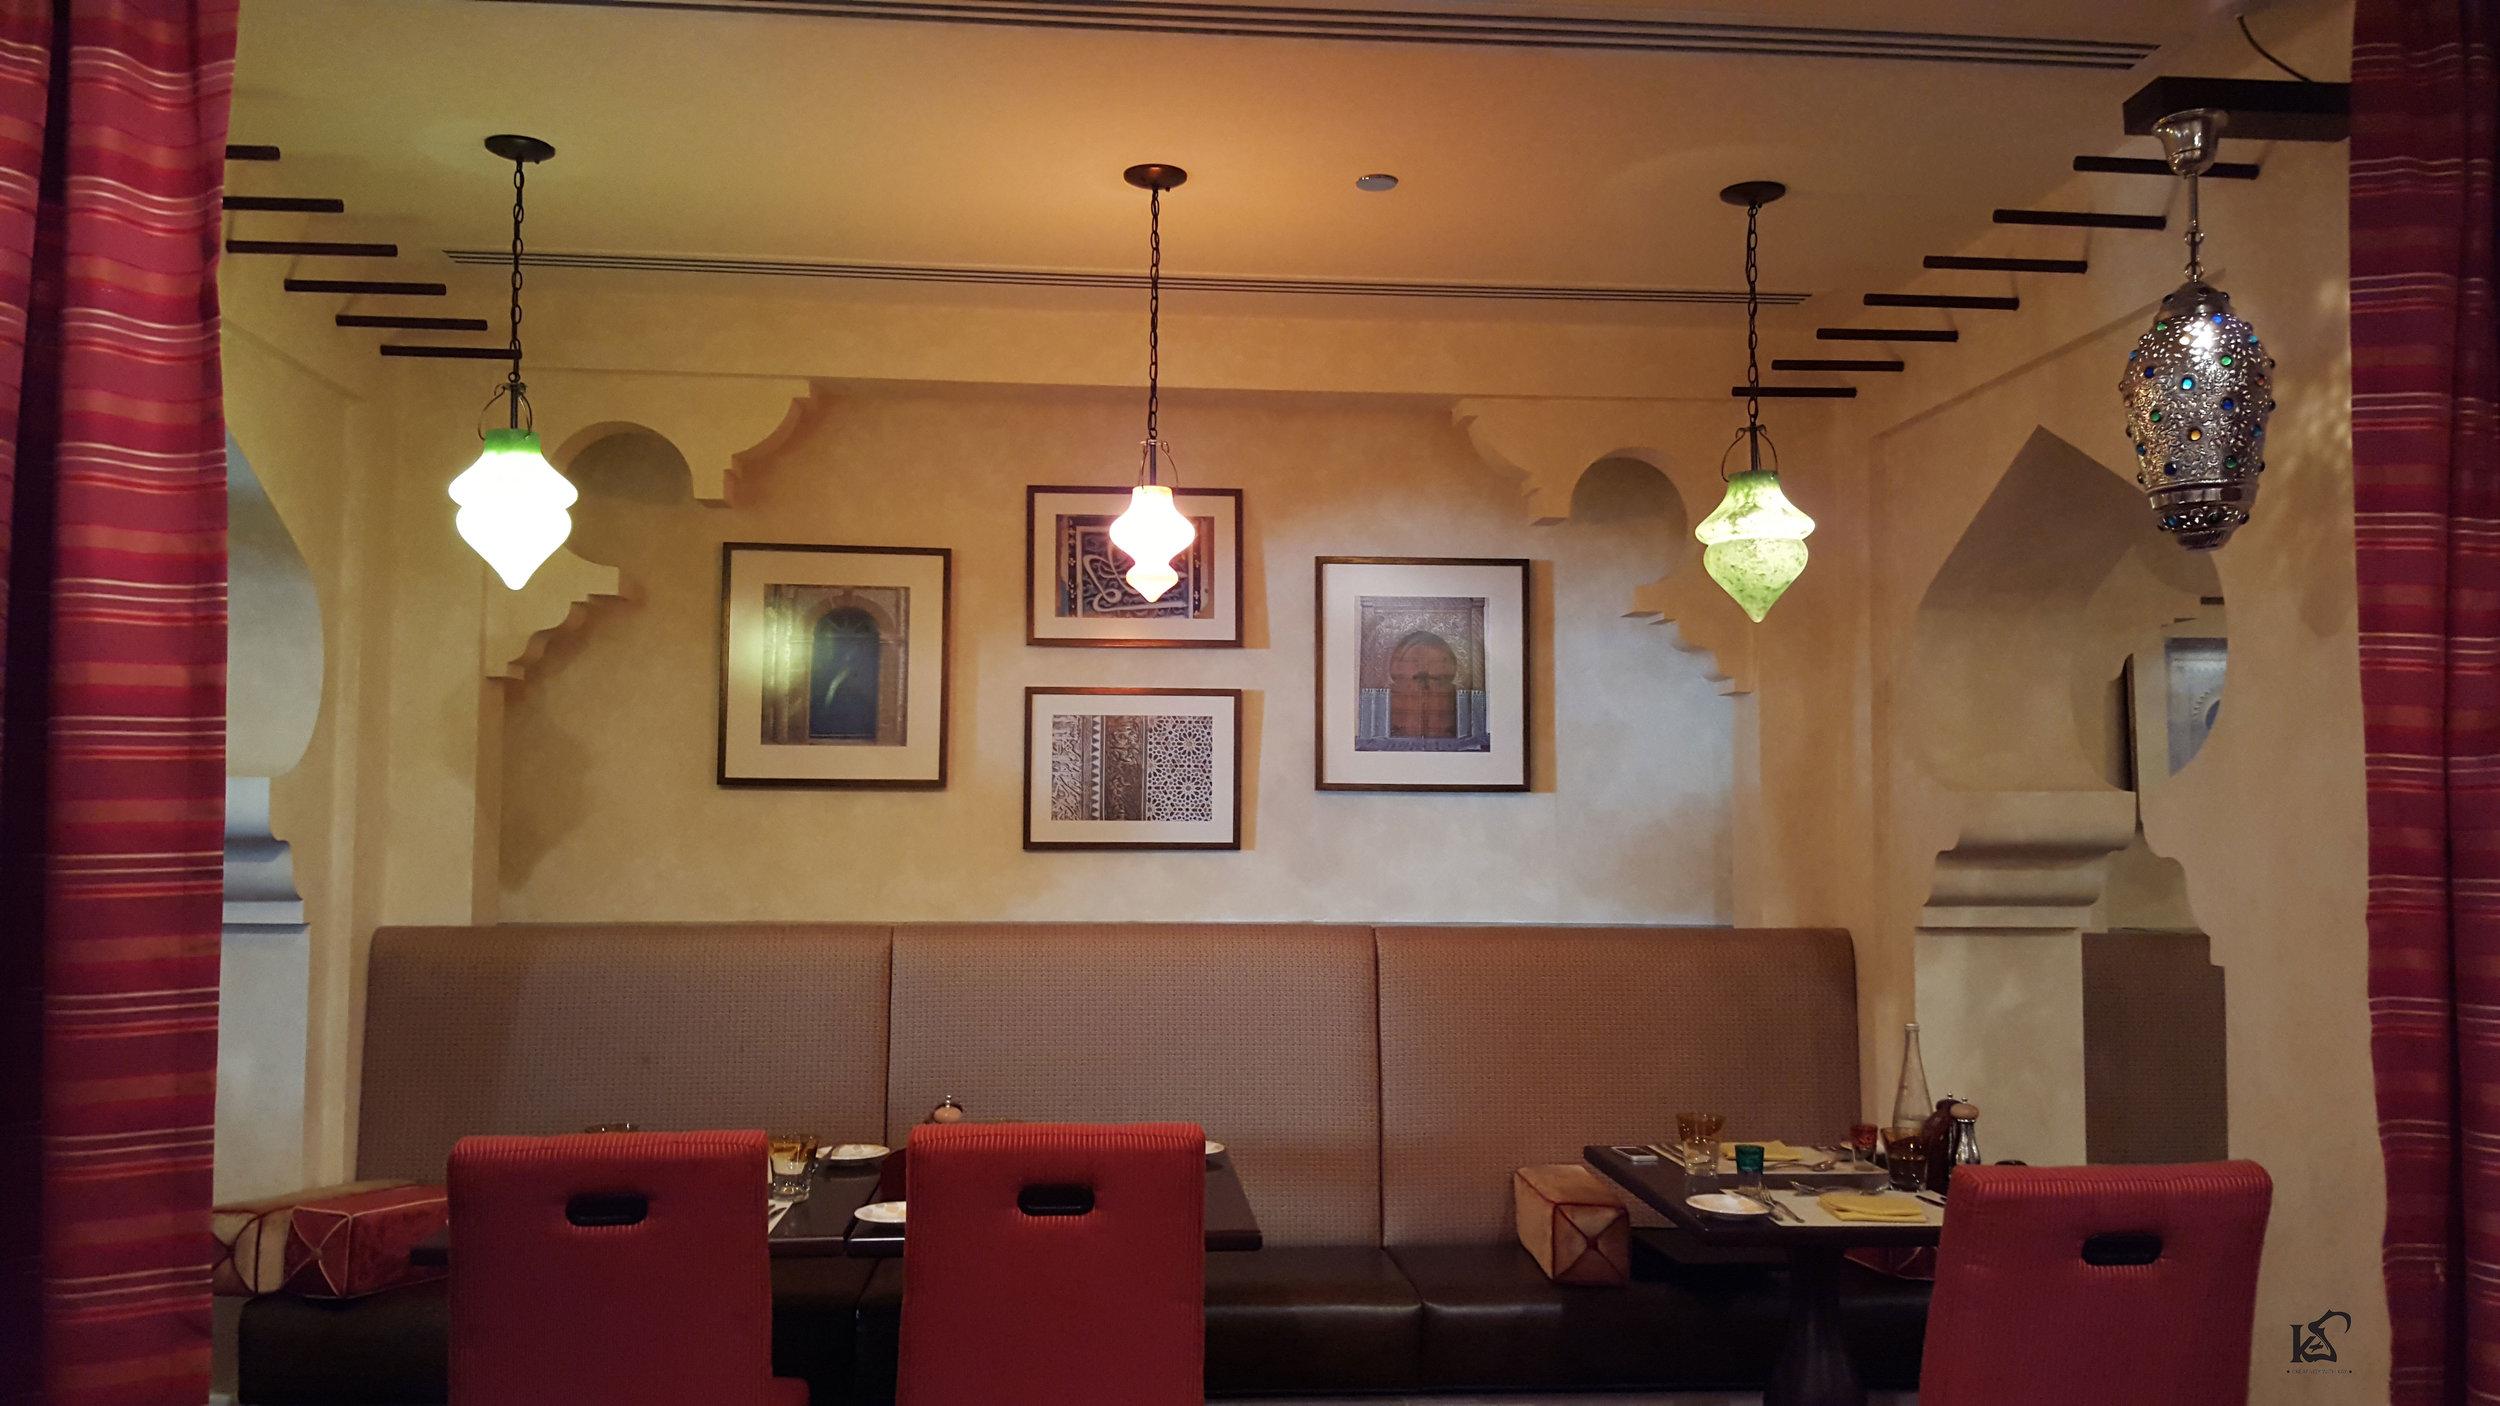 shangrila-sridan-moroccan-vibes-seating